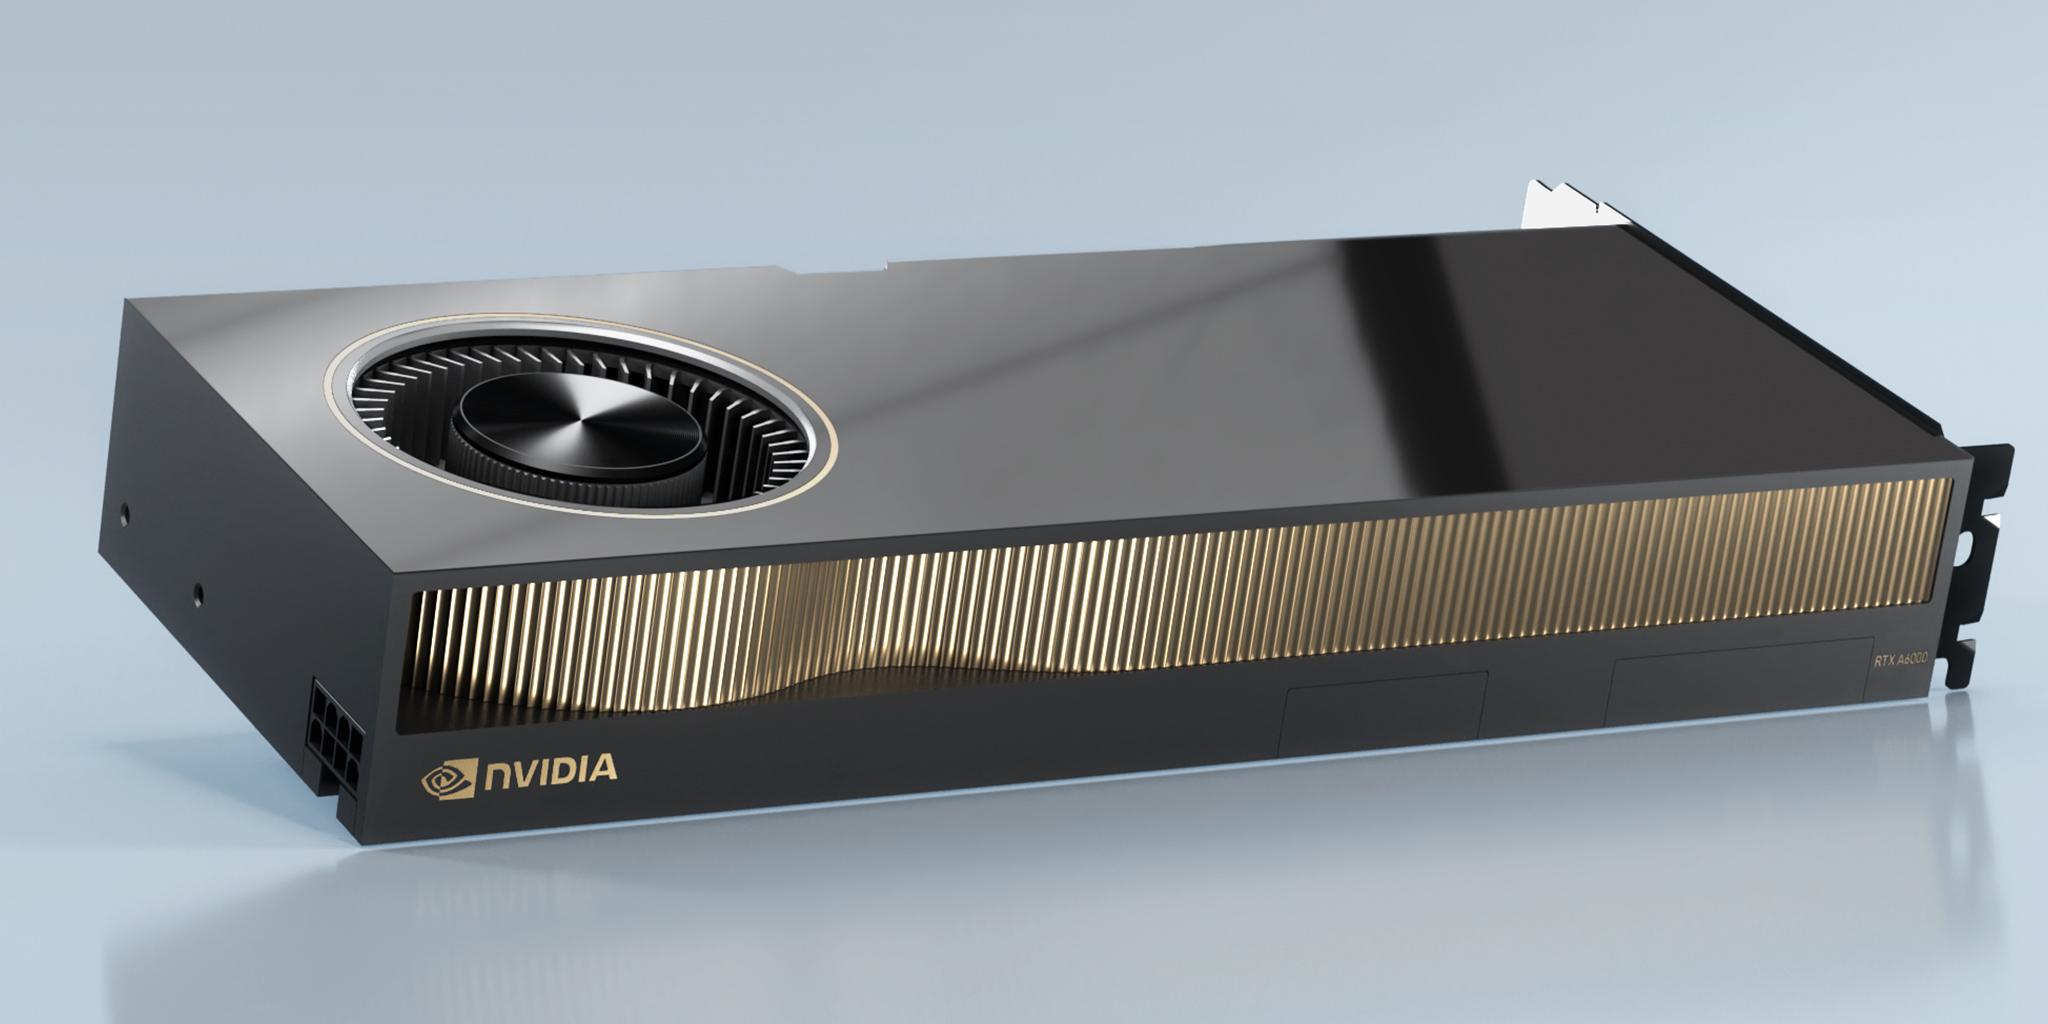 PNY ogłasza dostępność w swojej ofercie karty graficznej dla profesjonalistów – NVIDIA® RTX A6000